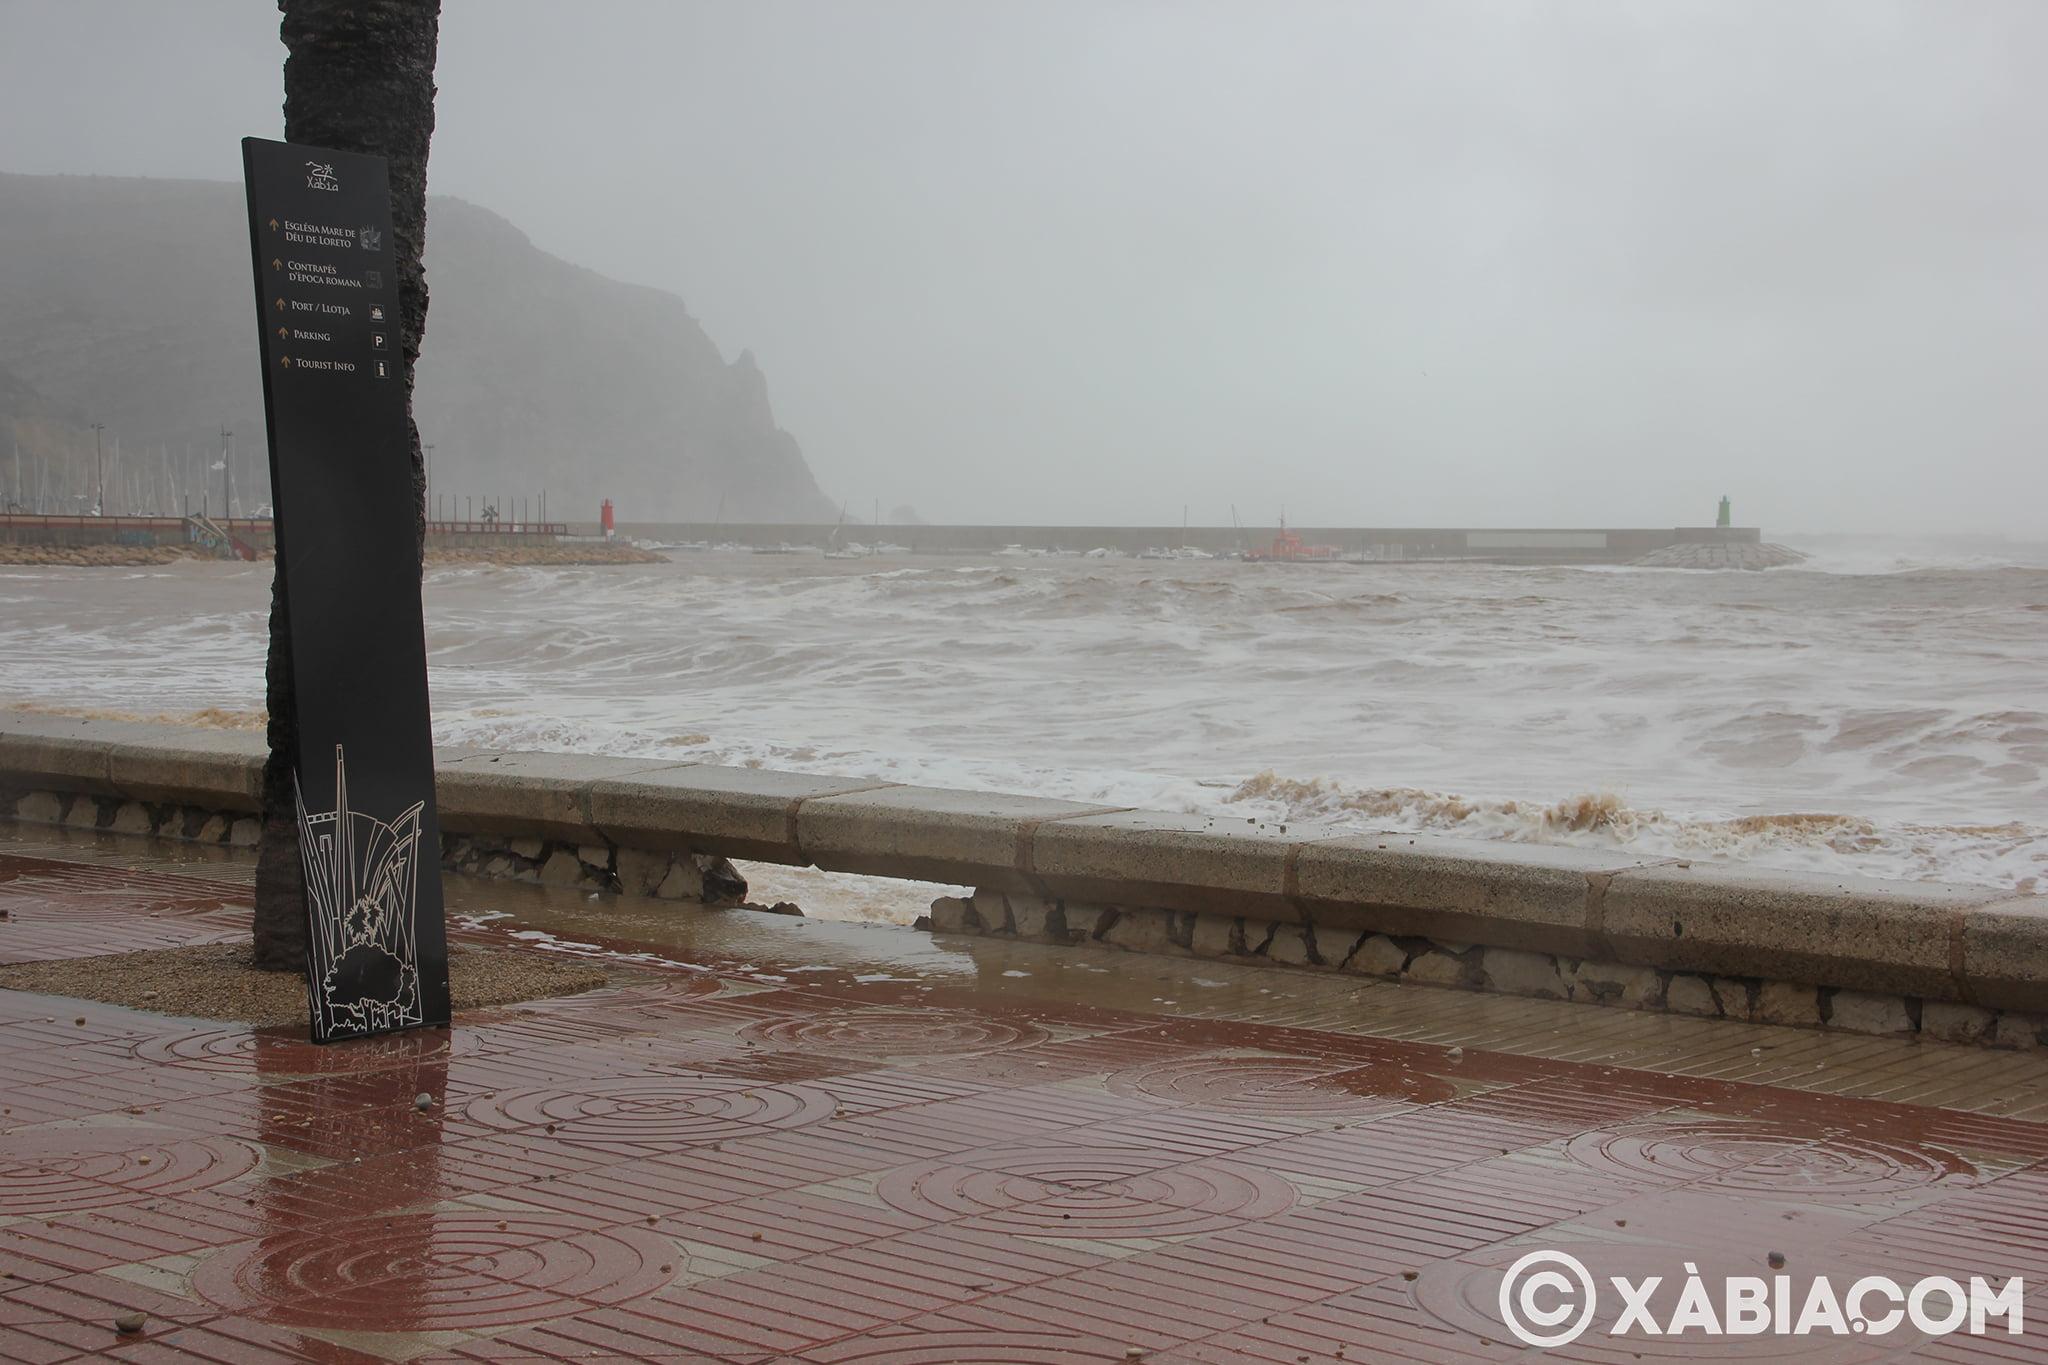 Pluie, vent et tempête de mer déchiquetés à Xàbia (52)